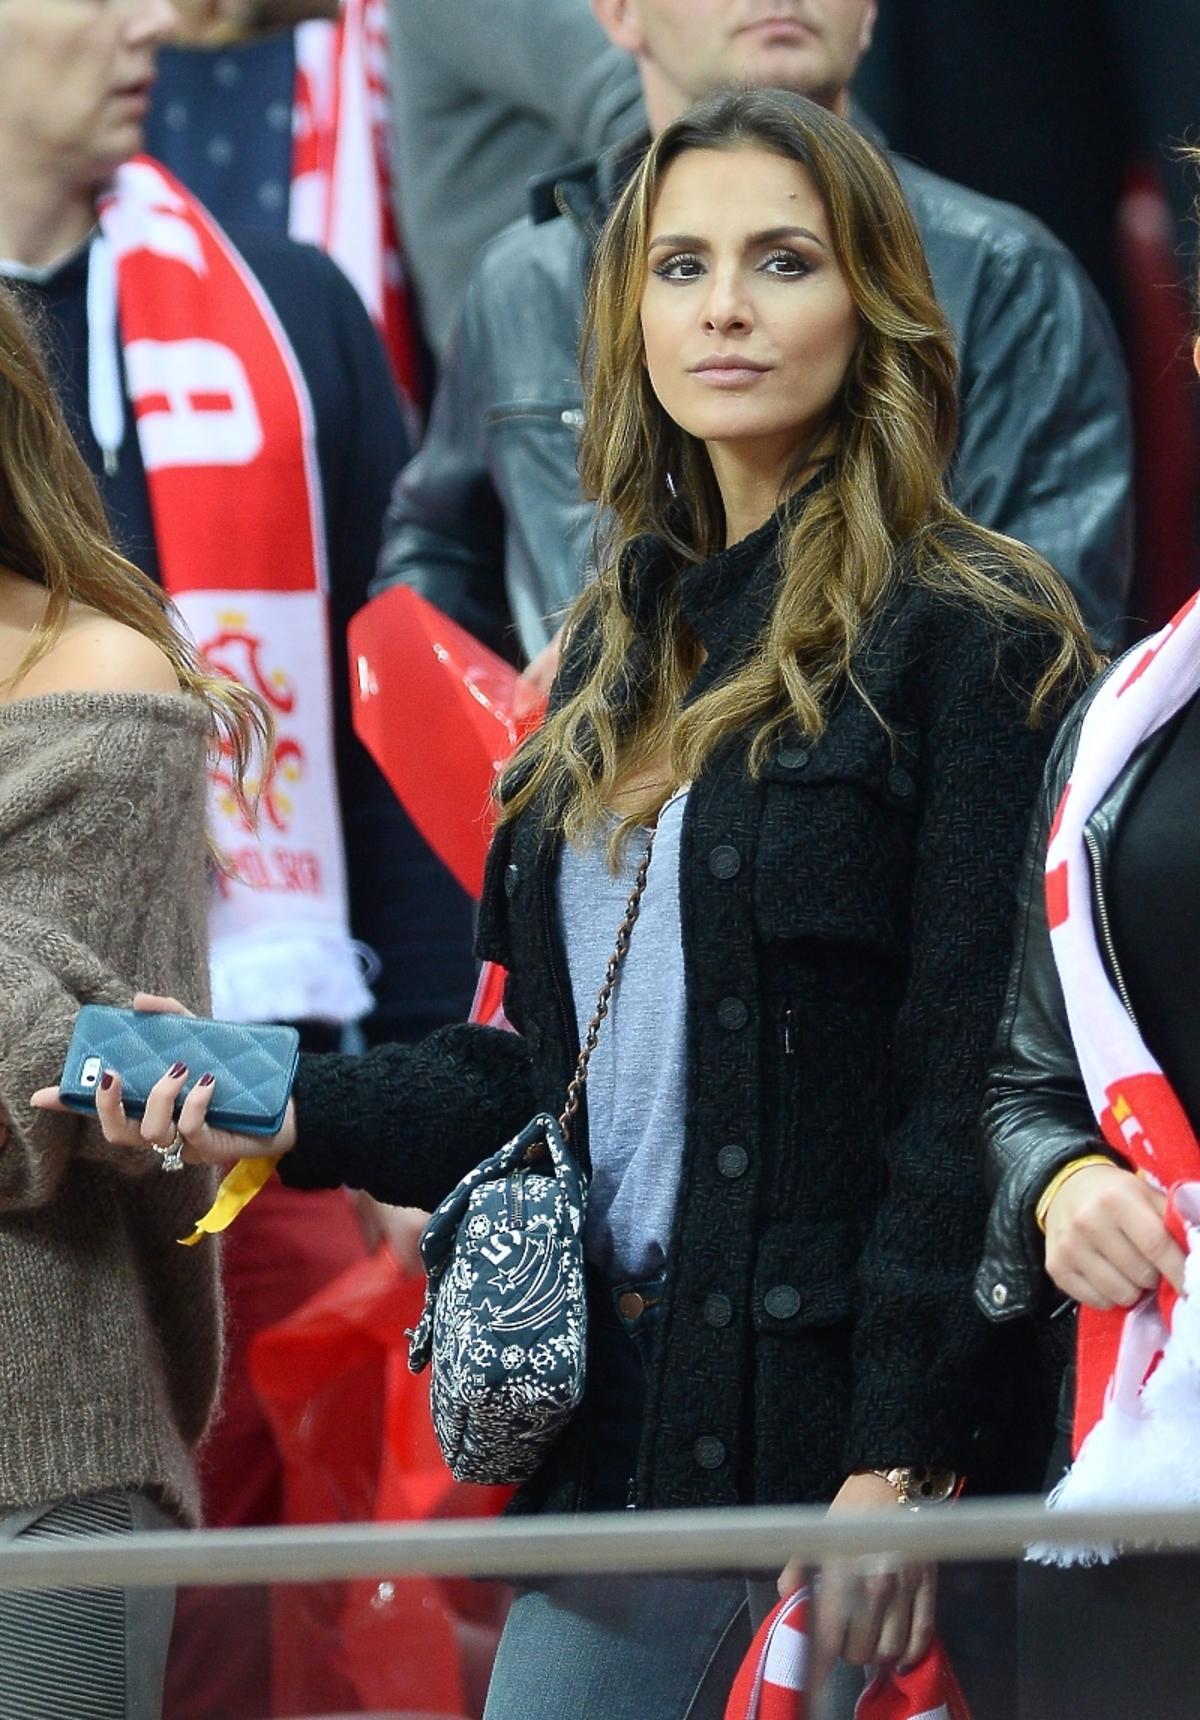 Sara Mannei Boruc z siostrą Ines Mannei na meczu Polska-Szkocja